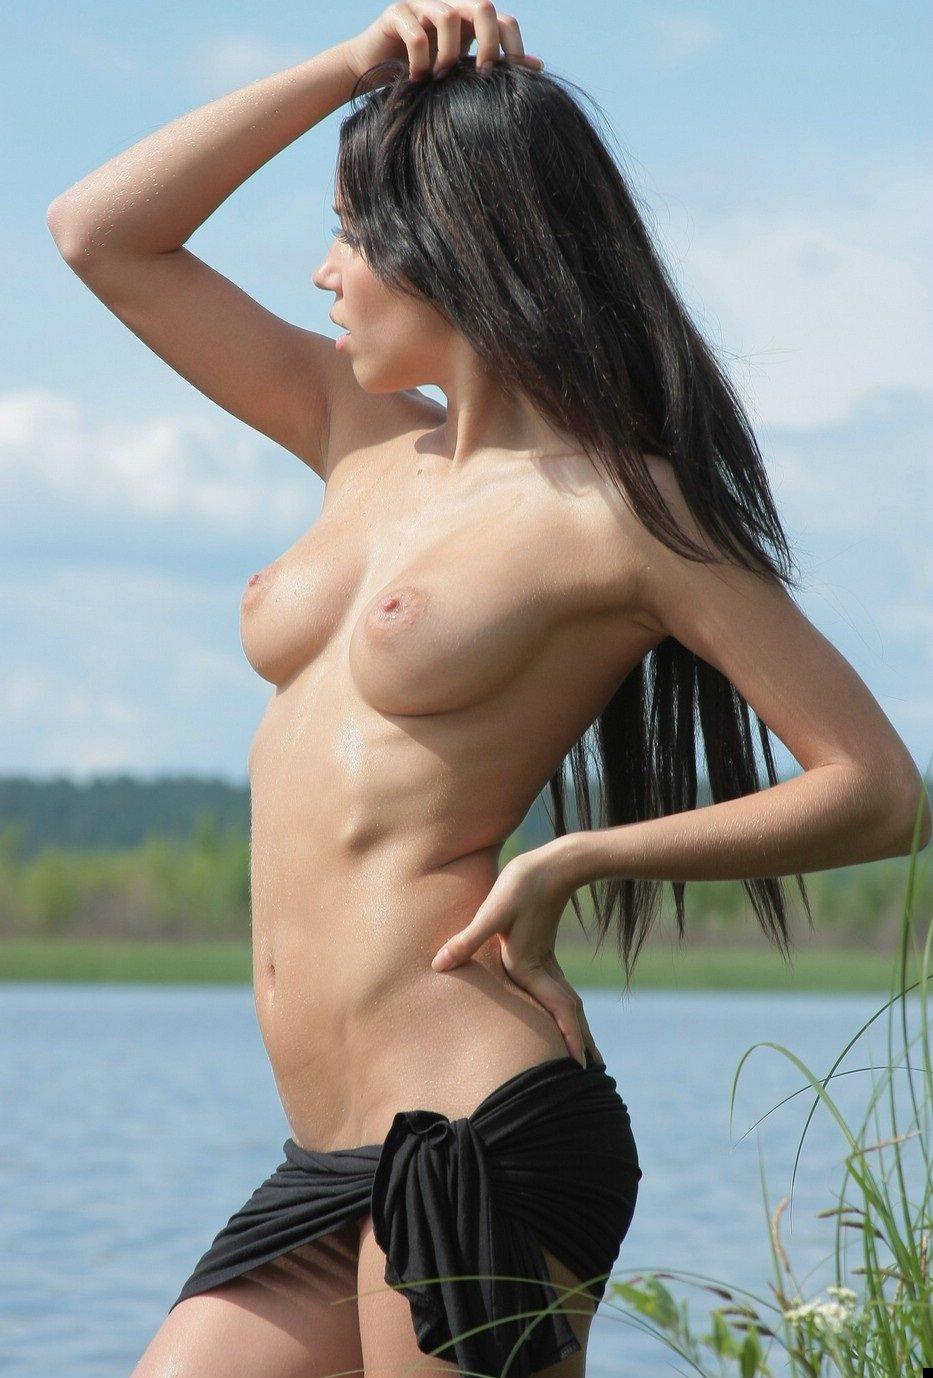 girl-on-the-lake-02